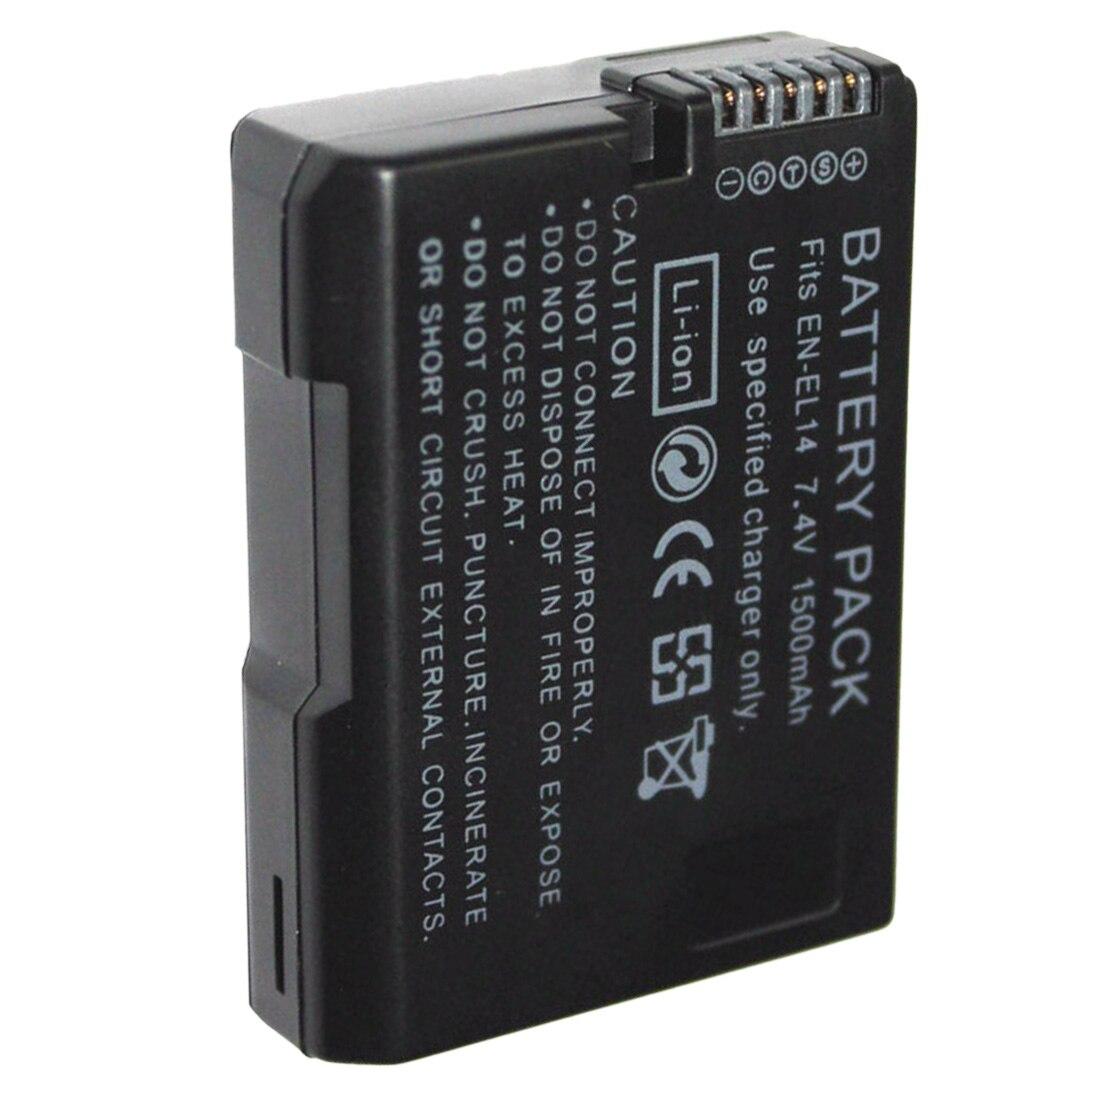 1 pièces 7.4V 1500mAh EN-EL14 Batteries ENEL14 EN EL14 Batterie pour Appareil Photo Noir Pour Nikon MH-24 D5200 D3100 D3200 D5100 P7000 P7100